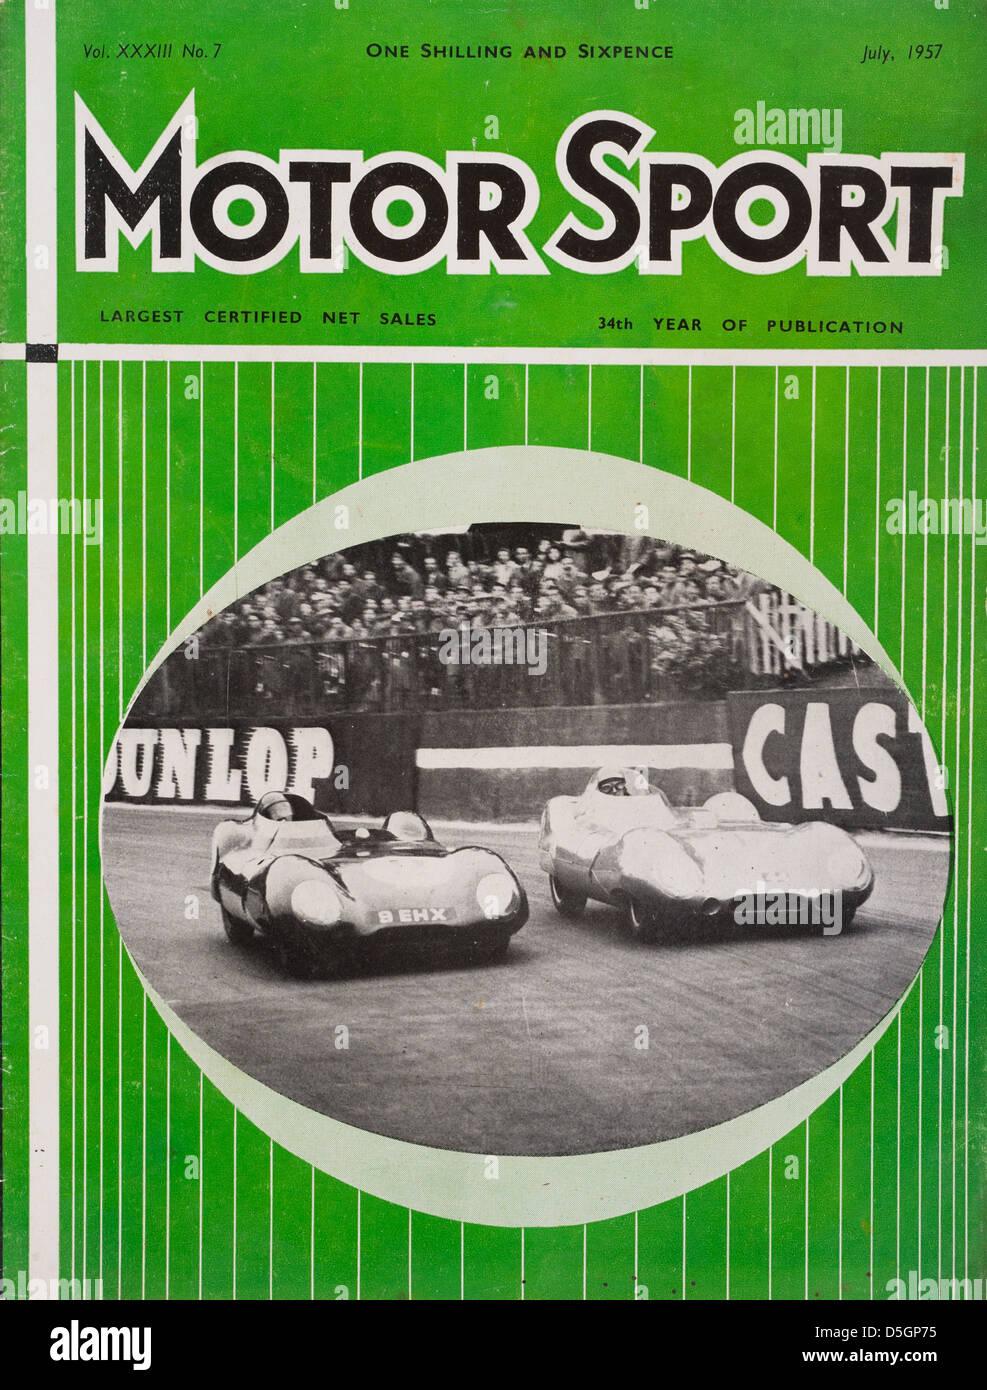 Motor Sport magazine No. 7, Vol XXXIII, July, 1957 - Stock Image